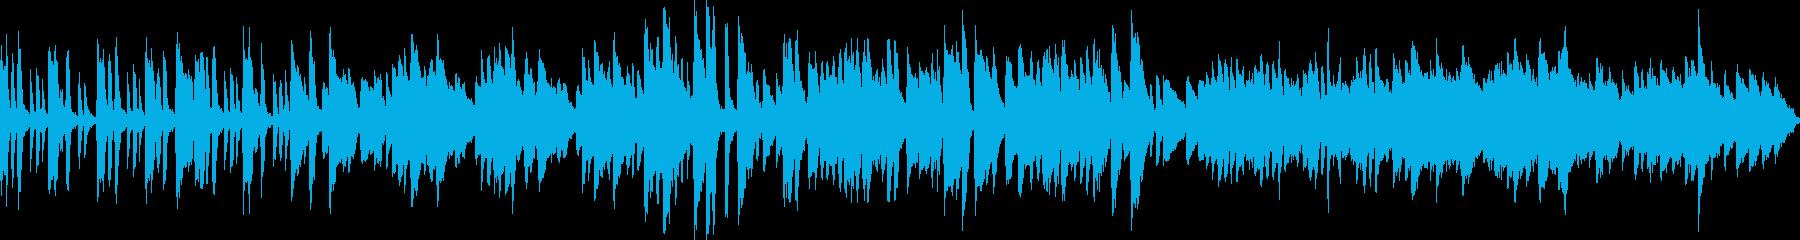 ピアノ演奏(ループ)あつ森風・軽快・冒険の再生済みの波形